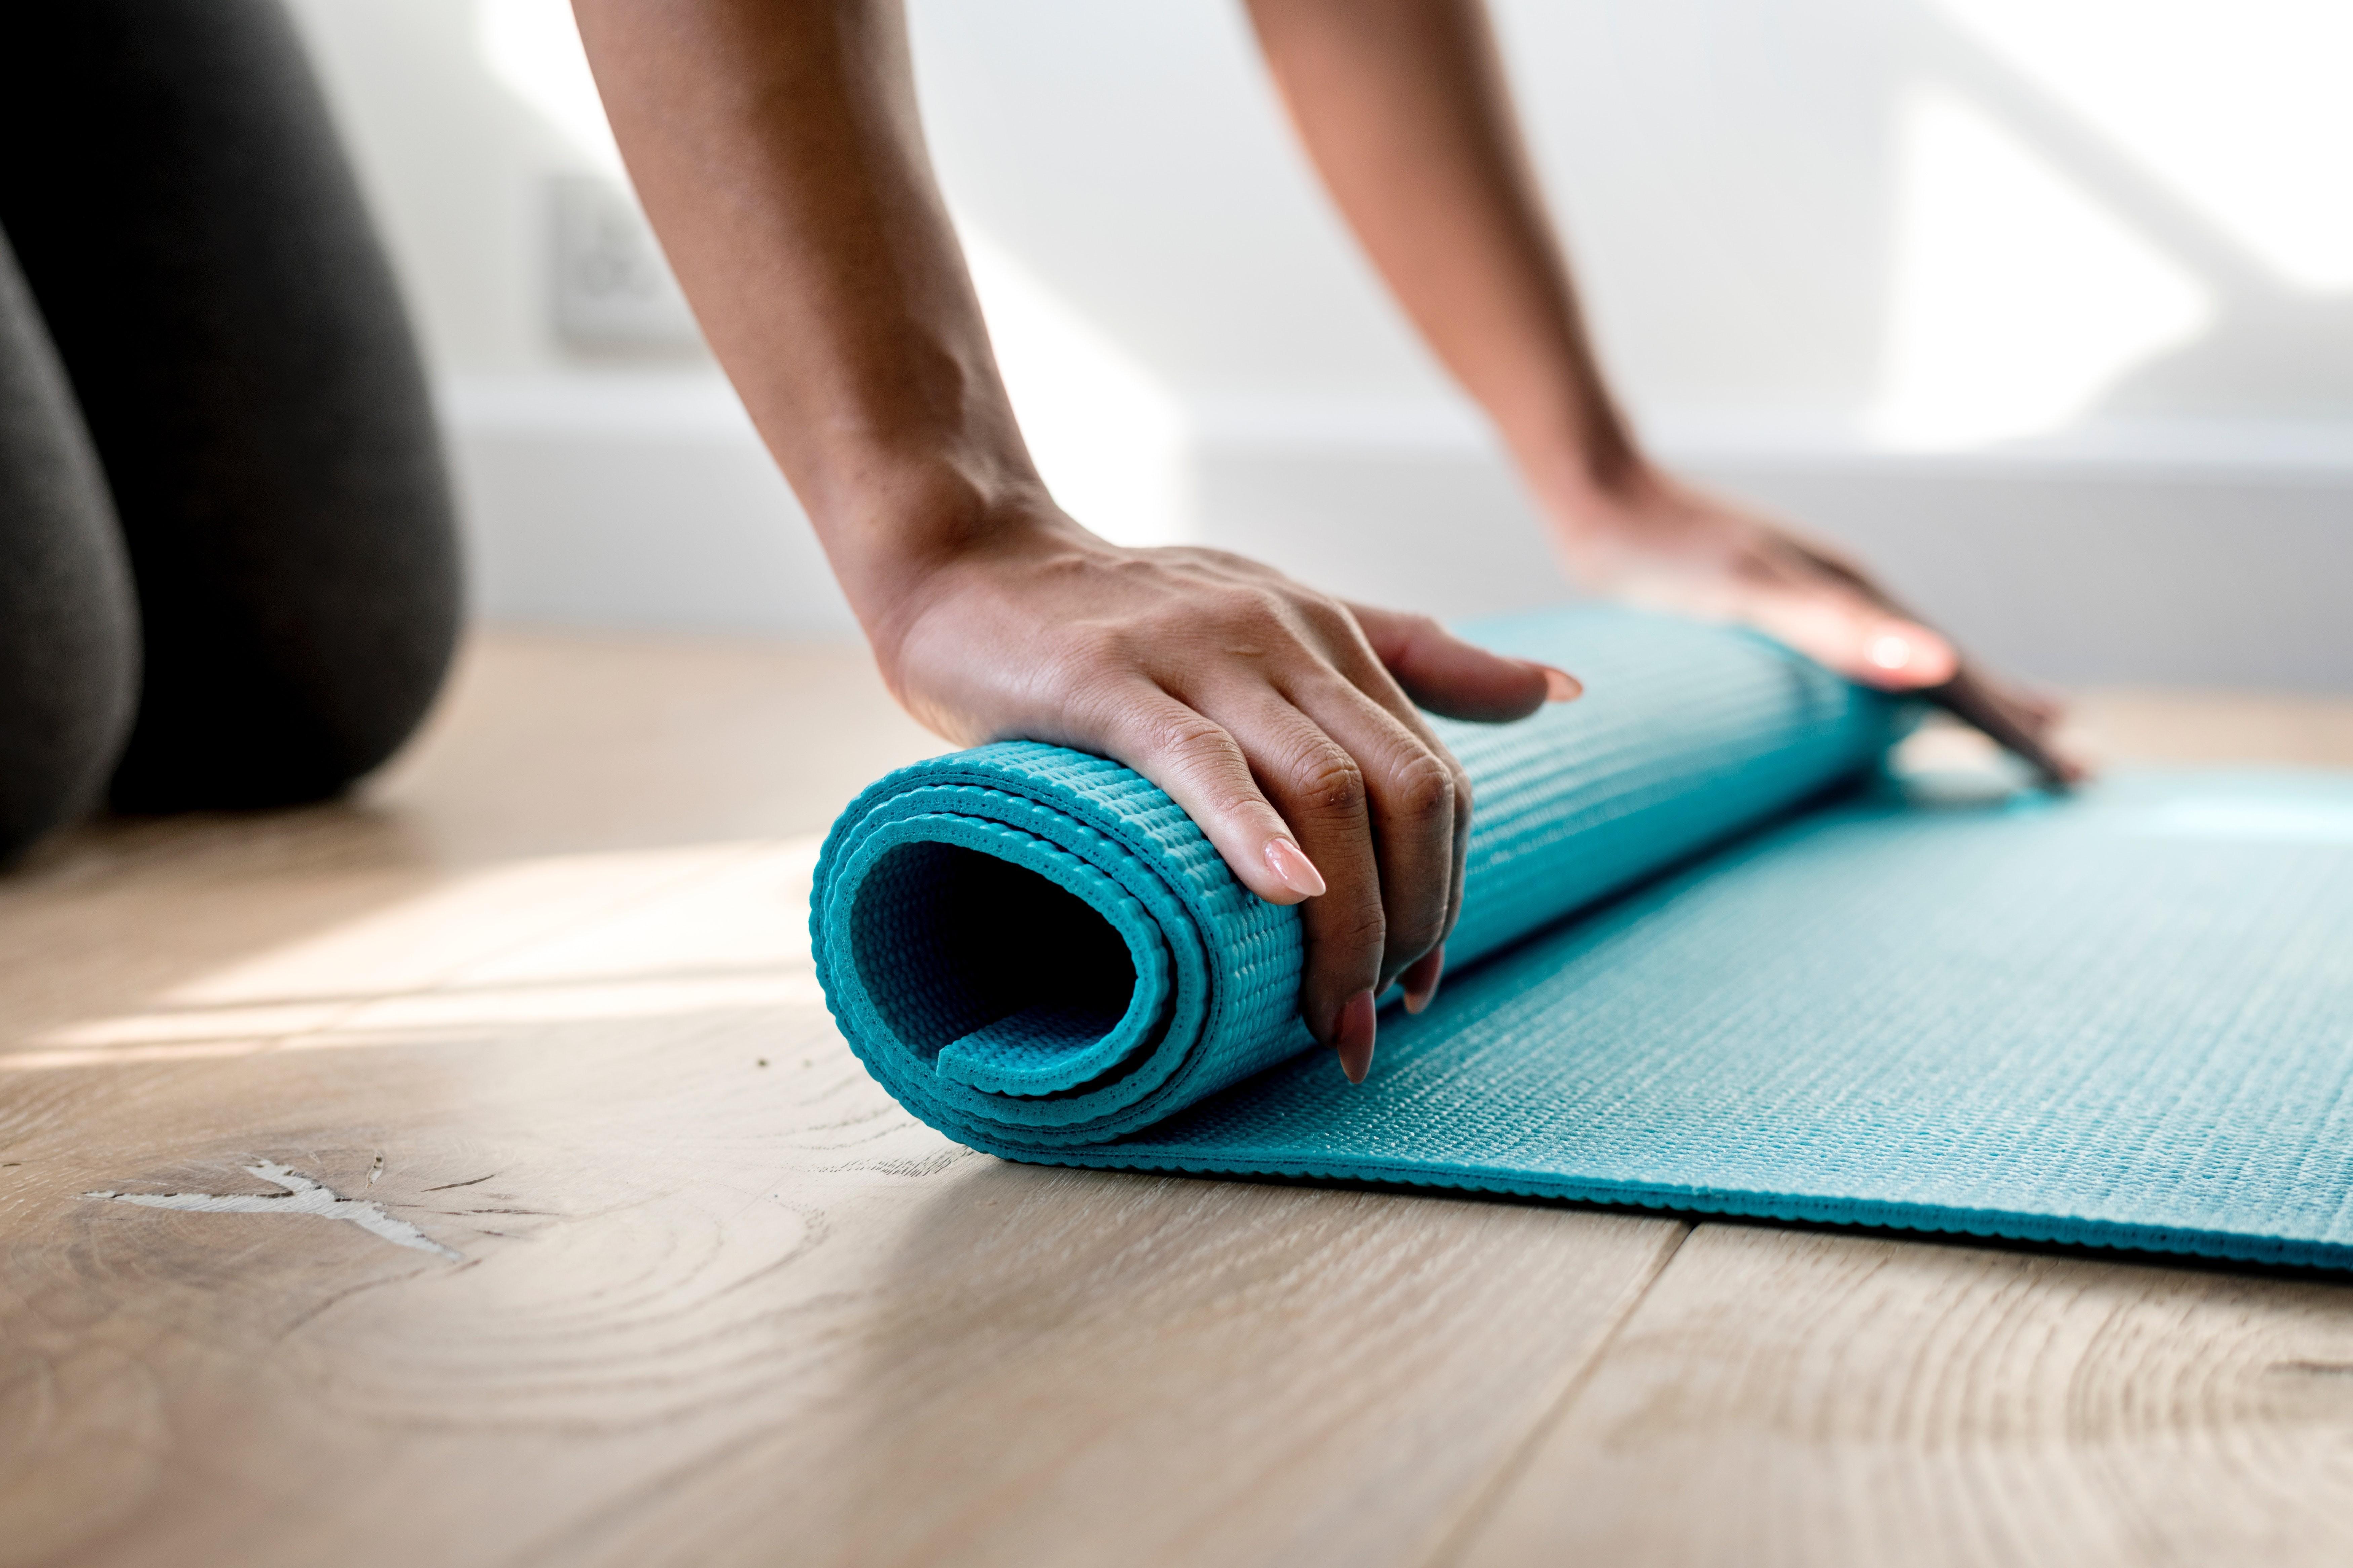 Марафон «Лизы»: успей похудеть до Нового года. Программа упражнений и питания для 1 недели